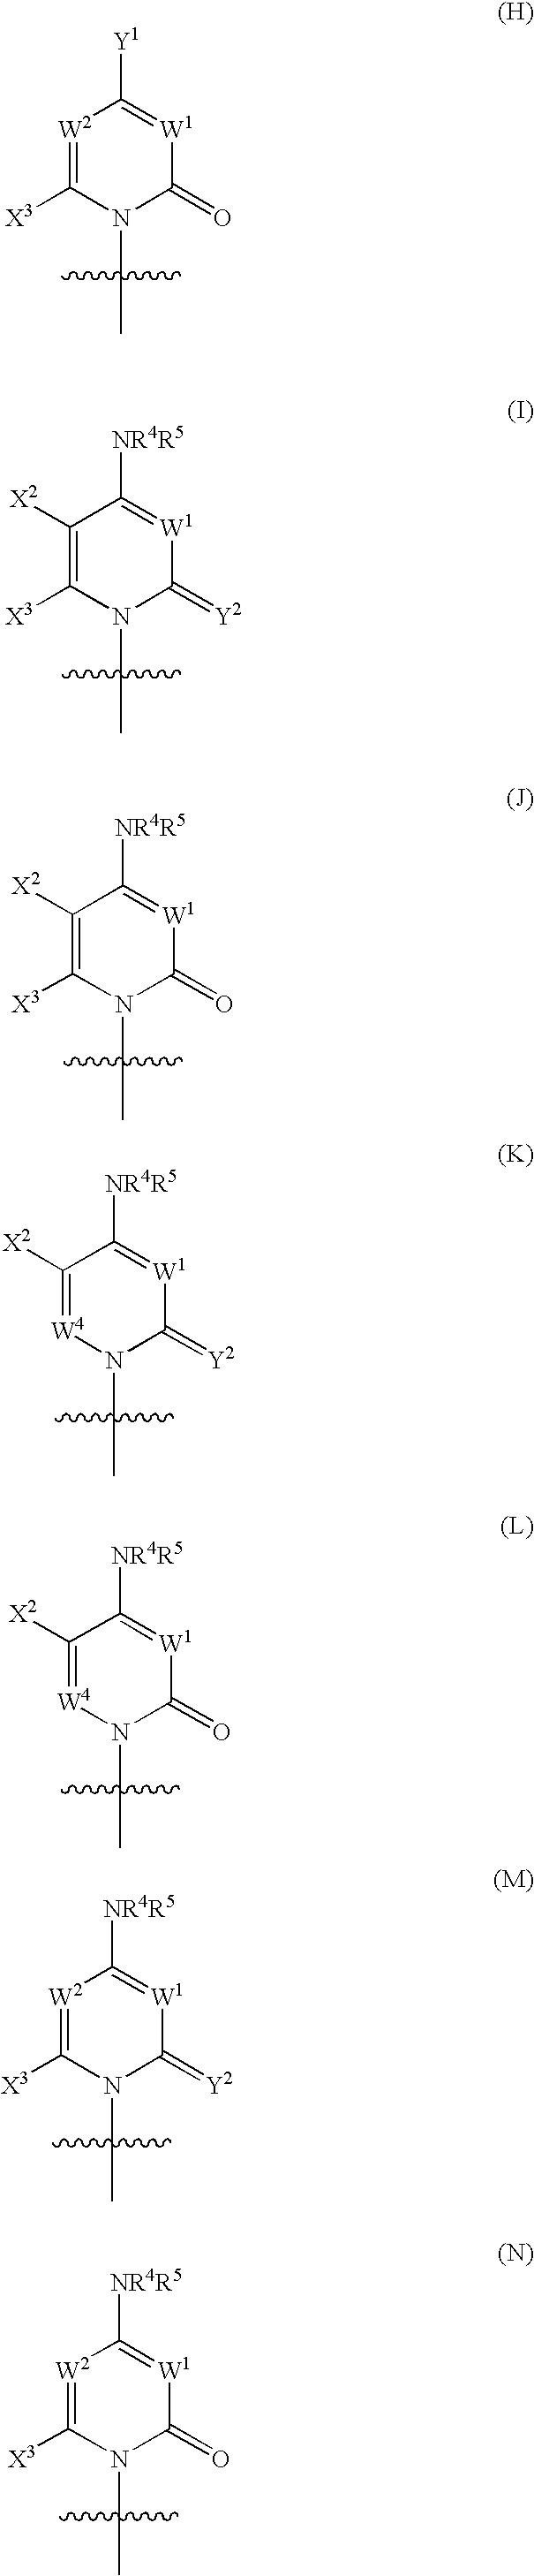 Figure US07608600-20091027-C00029